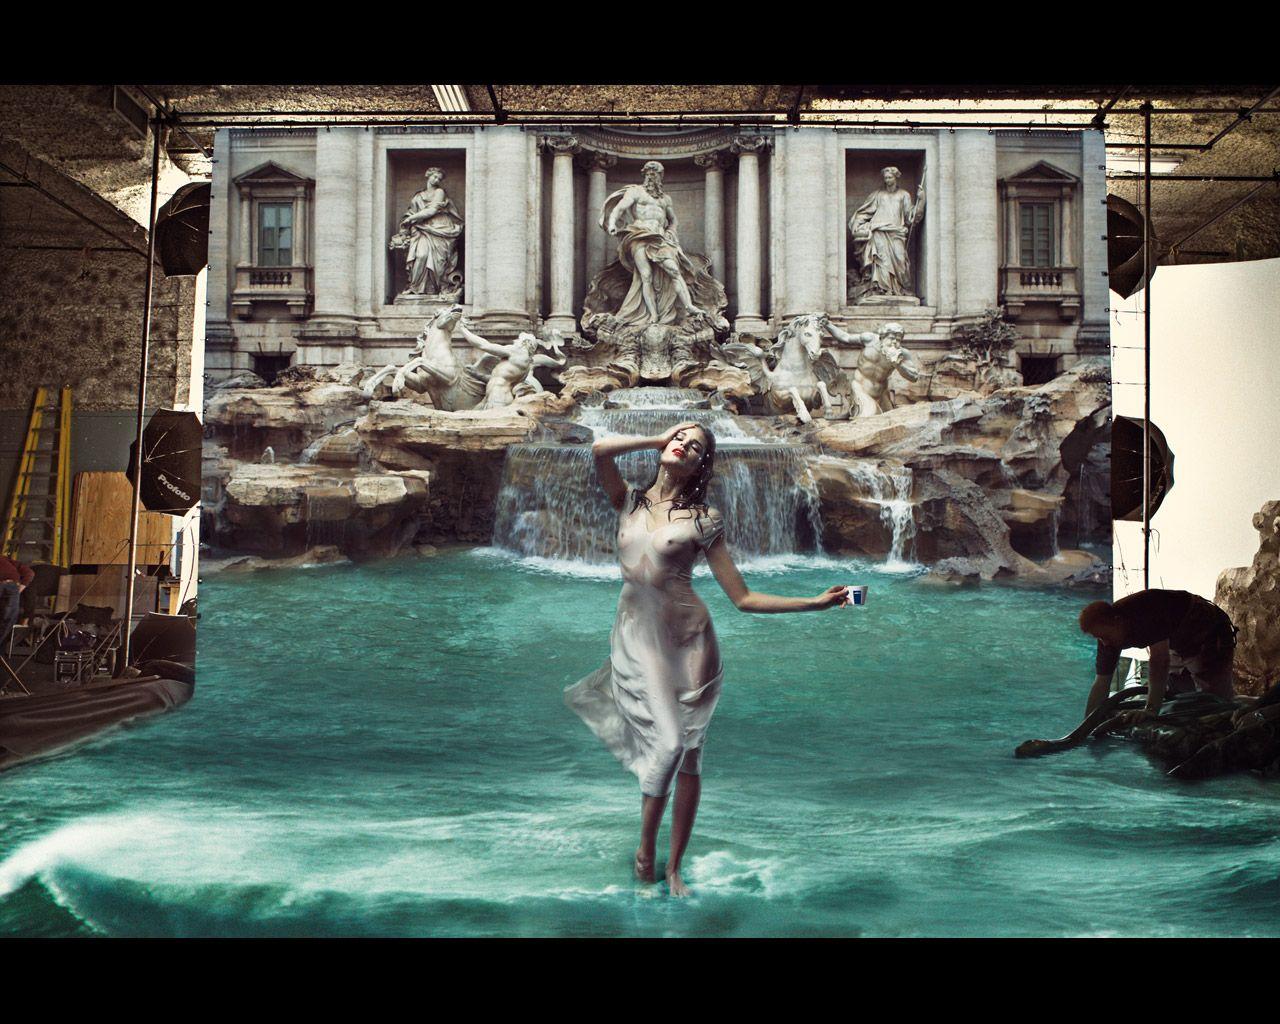 Bildergebnis für Annie Leibovitz lavazza fuente di trevi